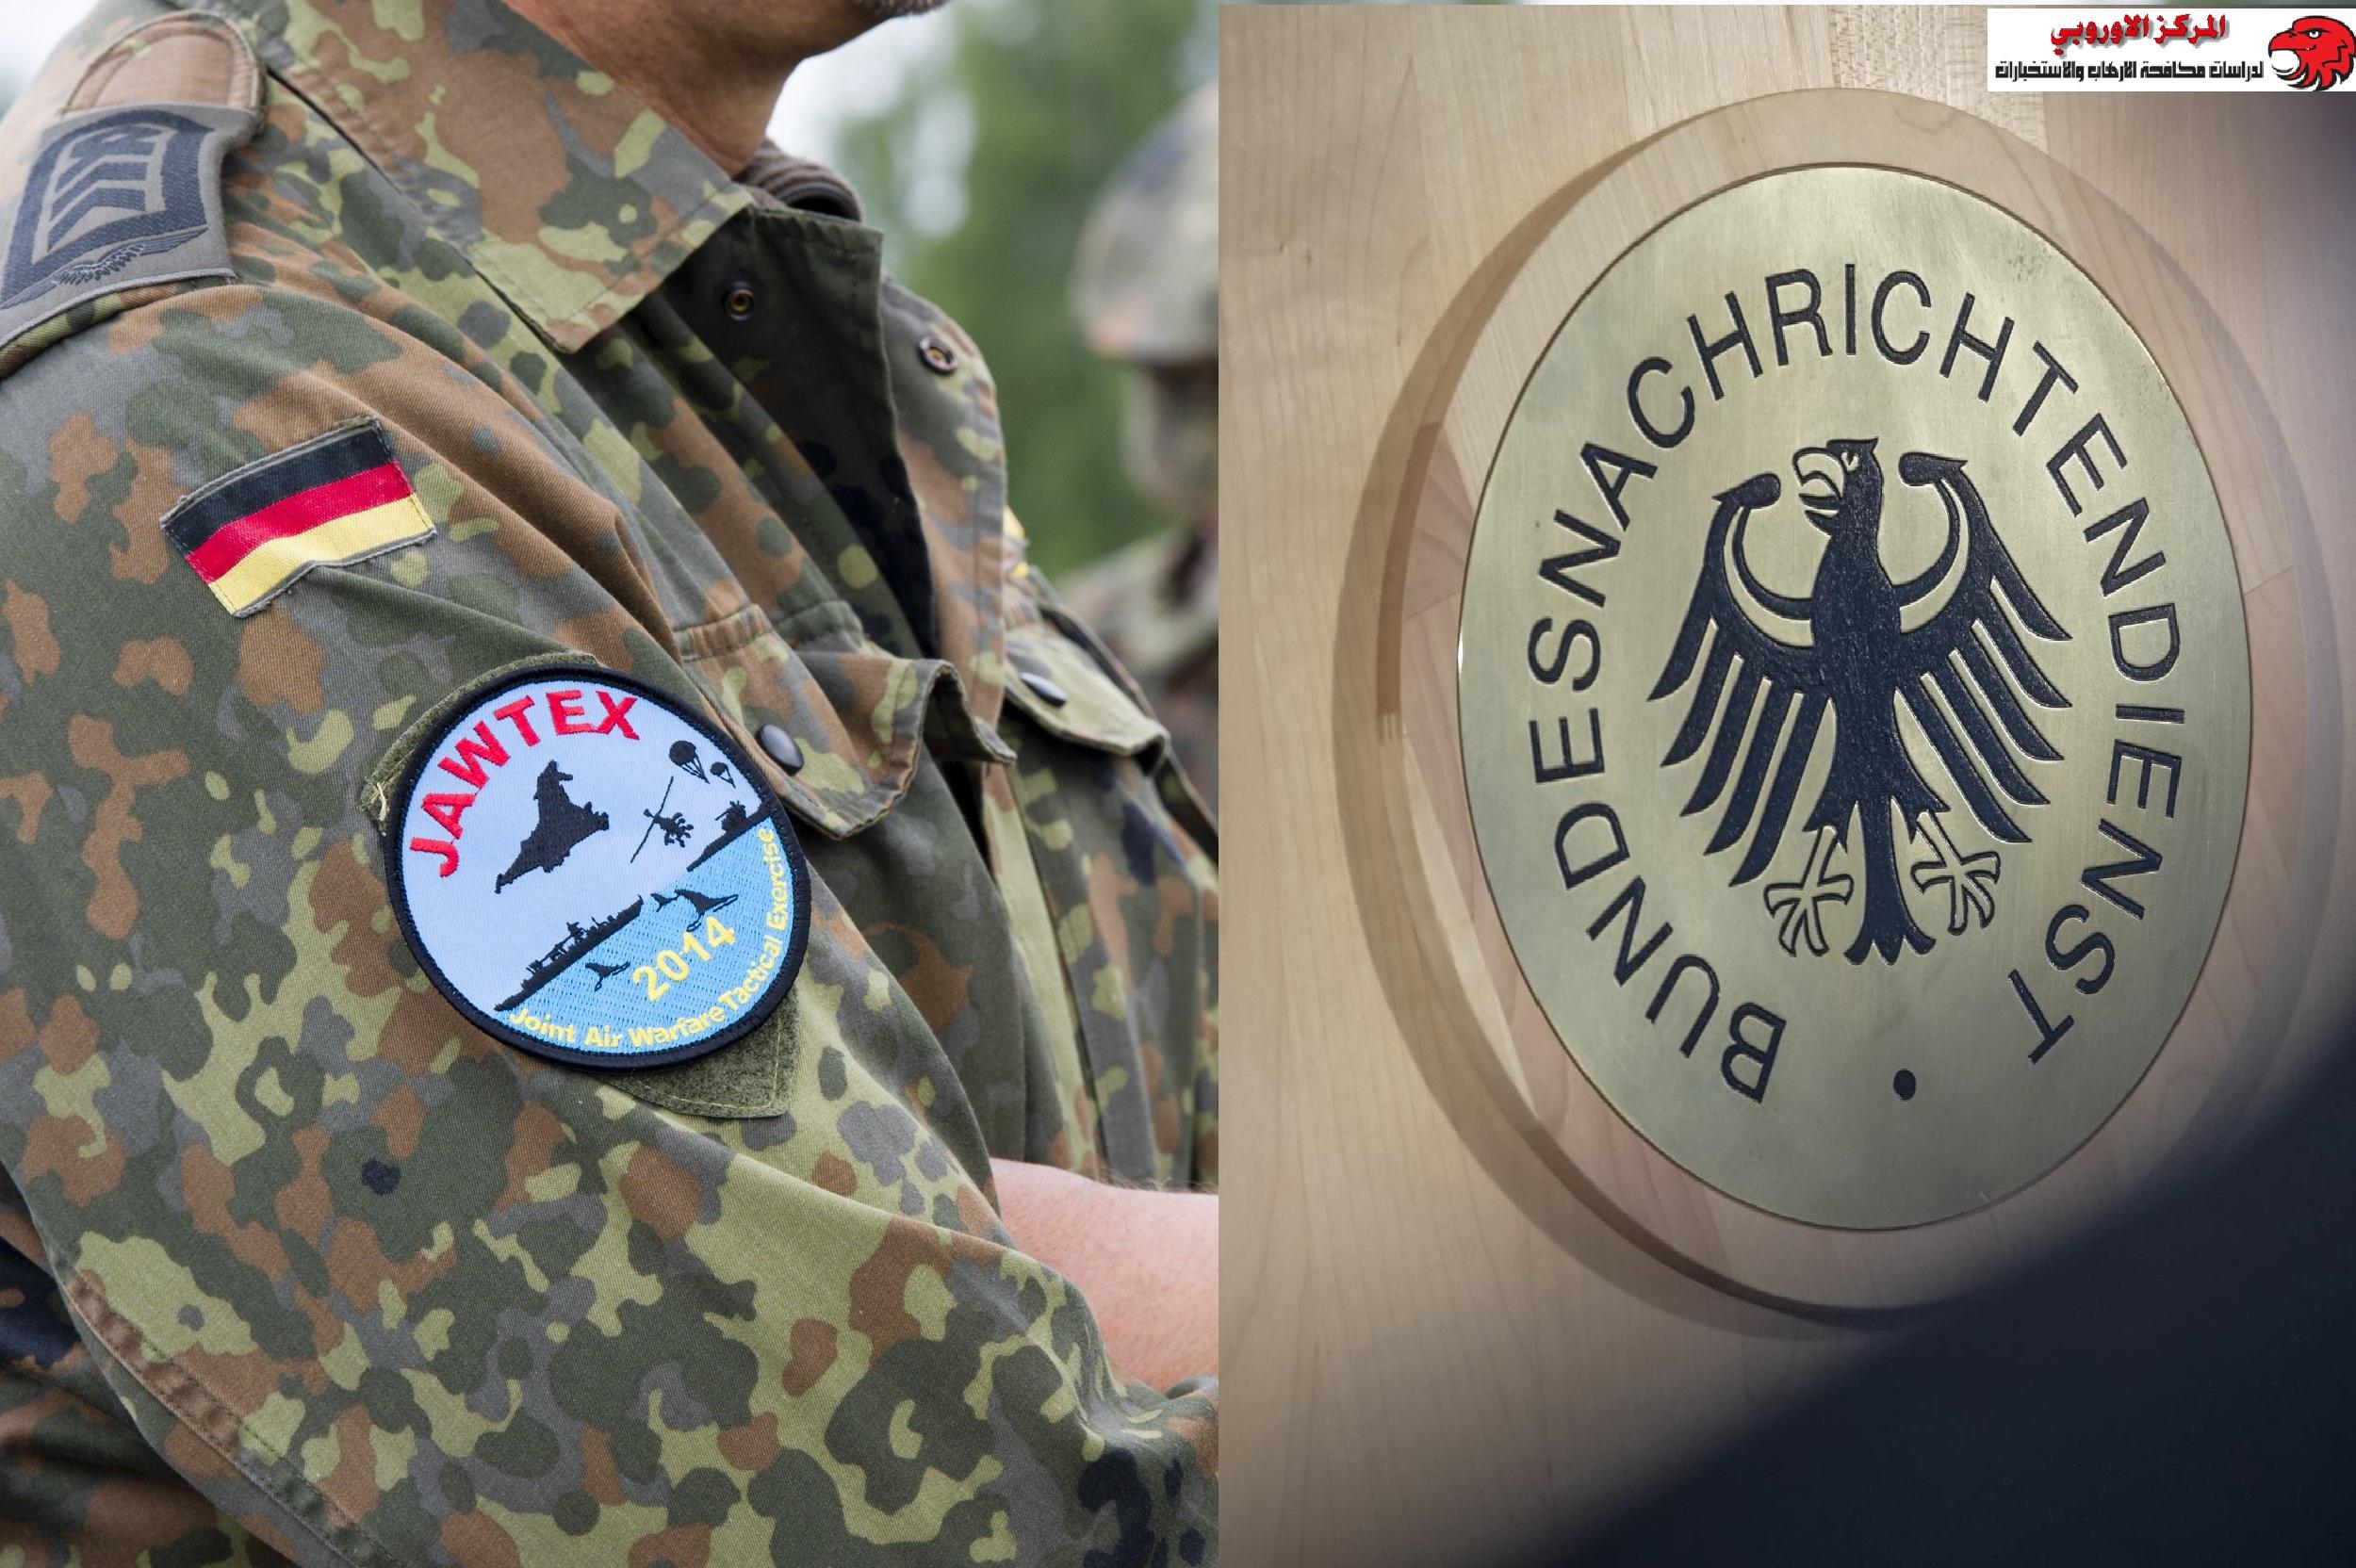 ألمانيا.. دلالات اختراق داعش واليمين المتطرف للأجهزة الأمنية